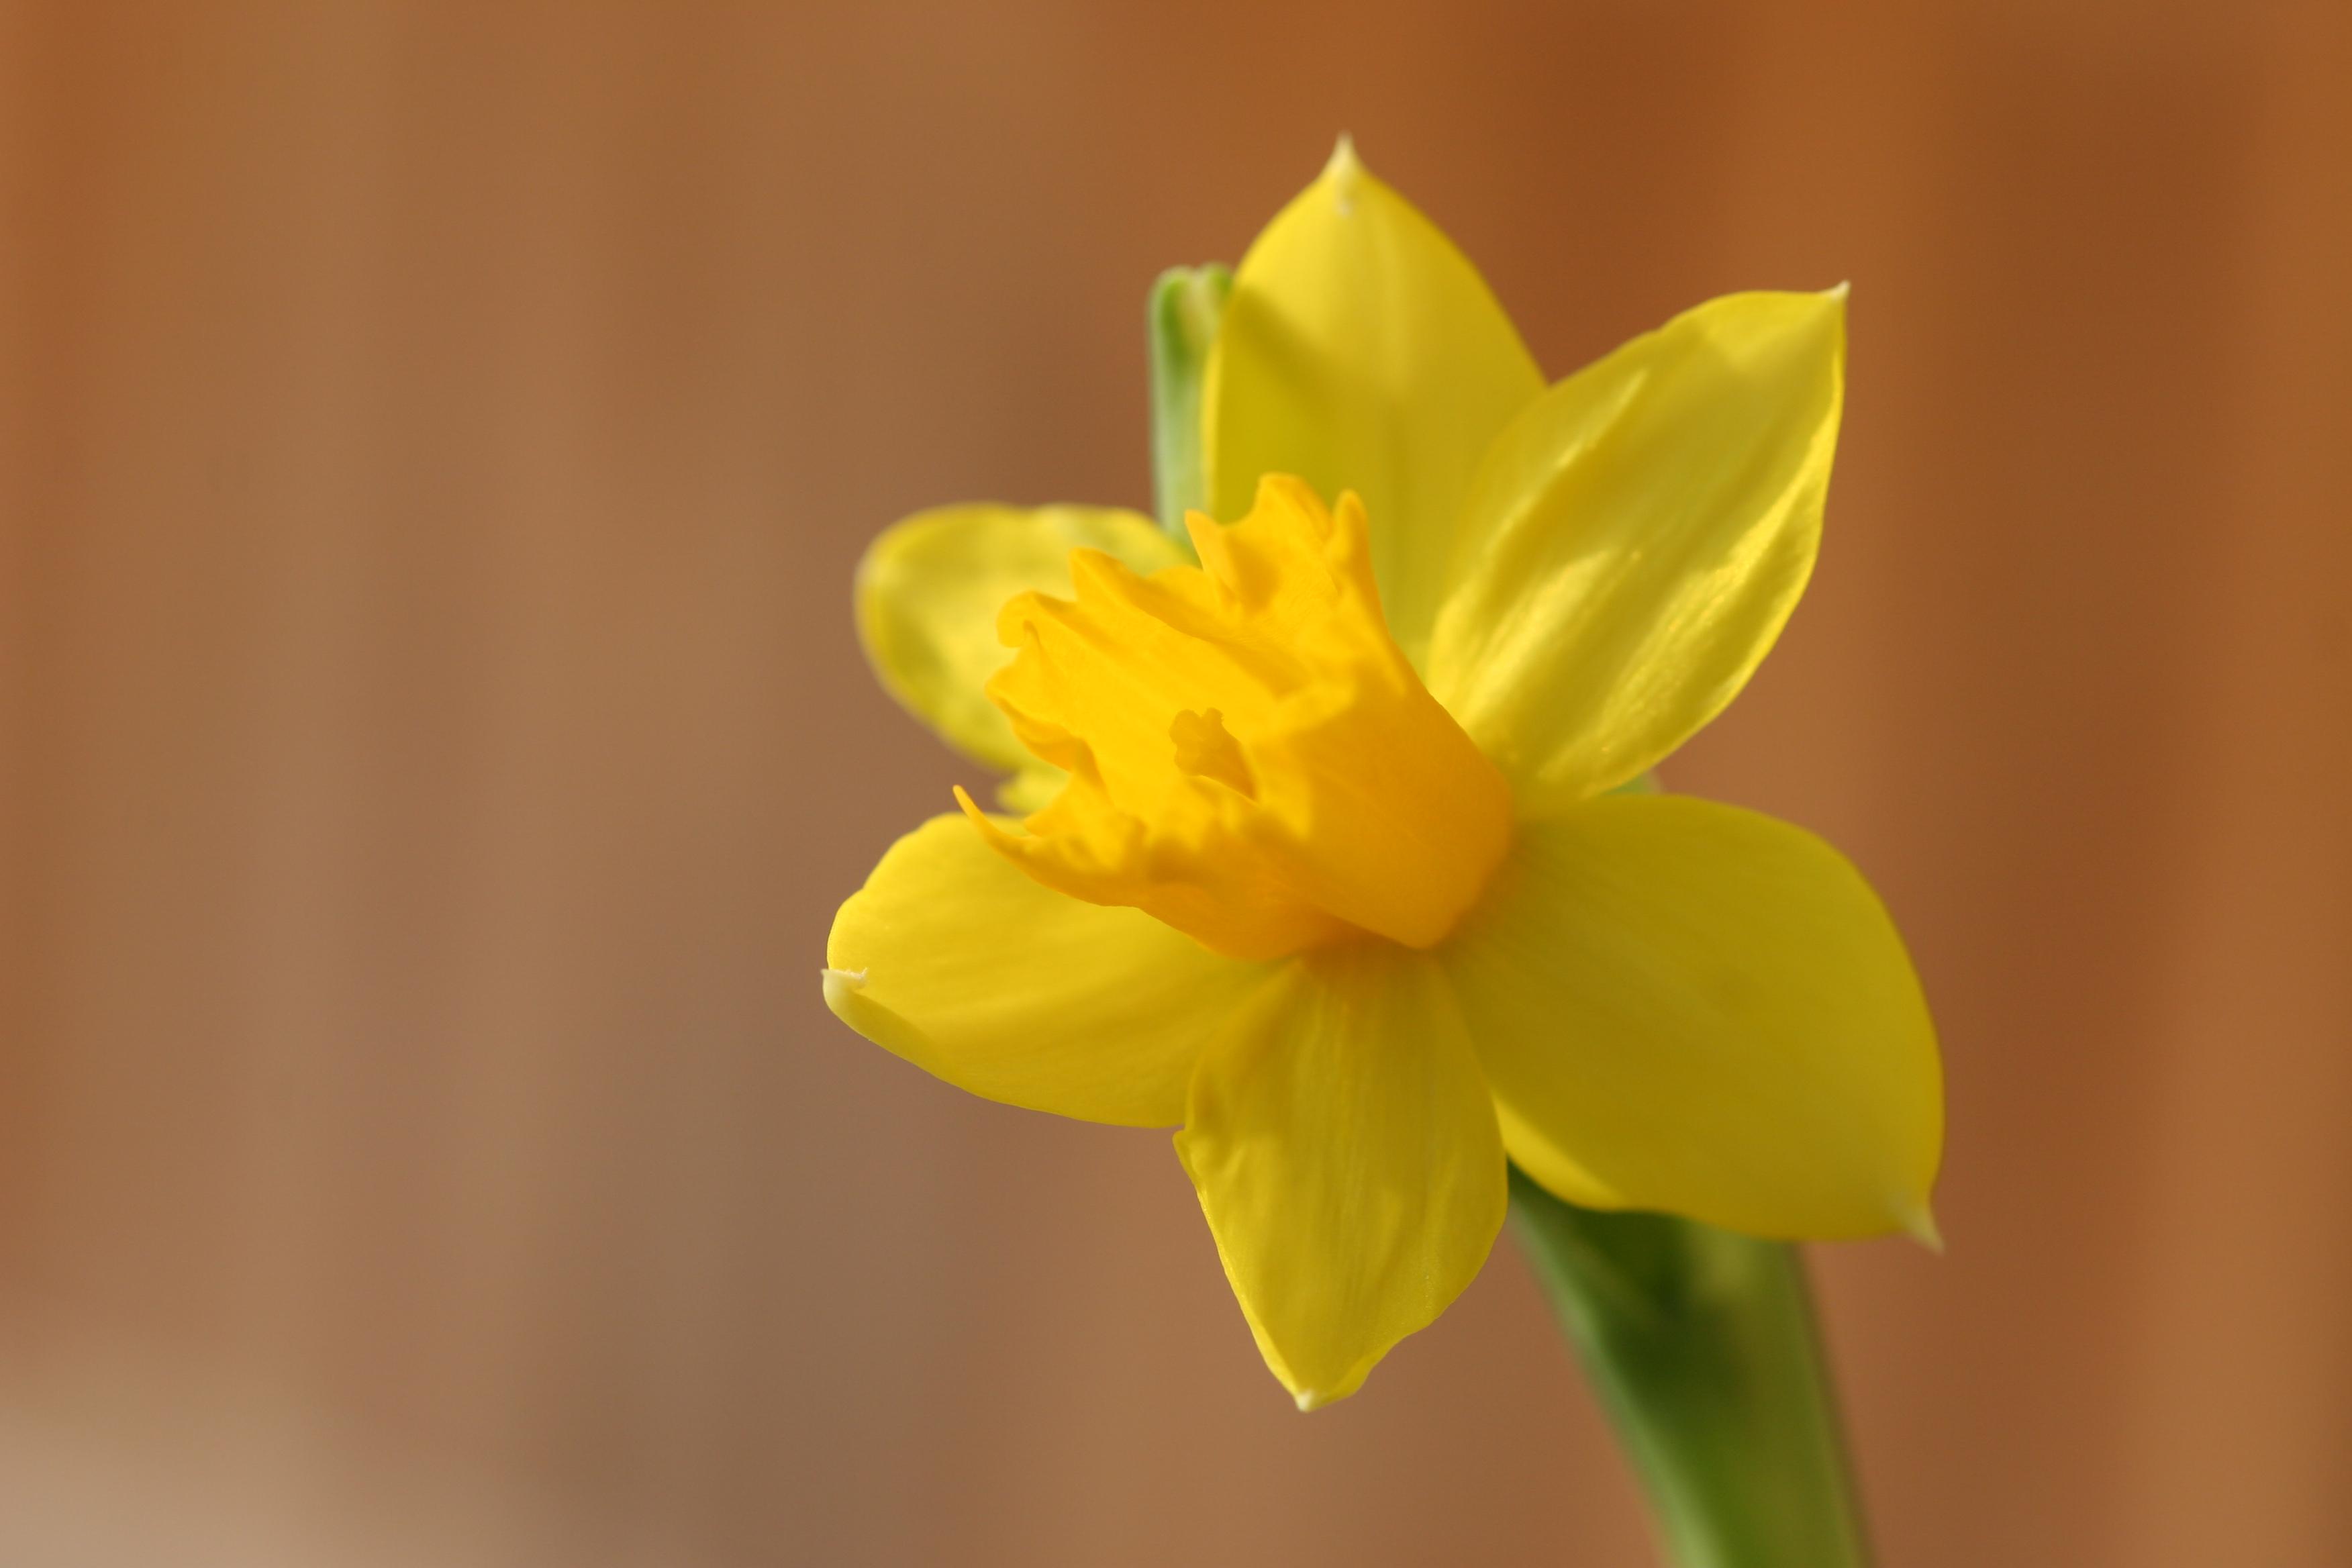 Es blüht so gelb - der Frühling kommt!